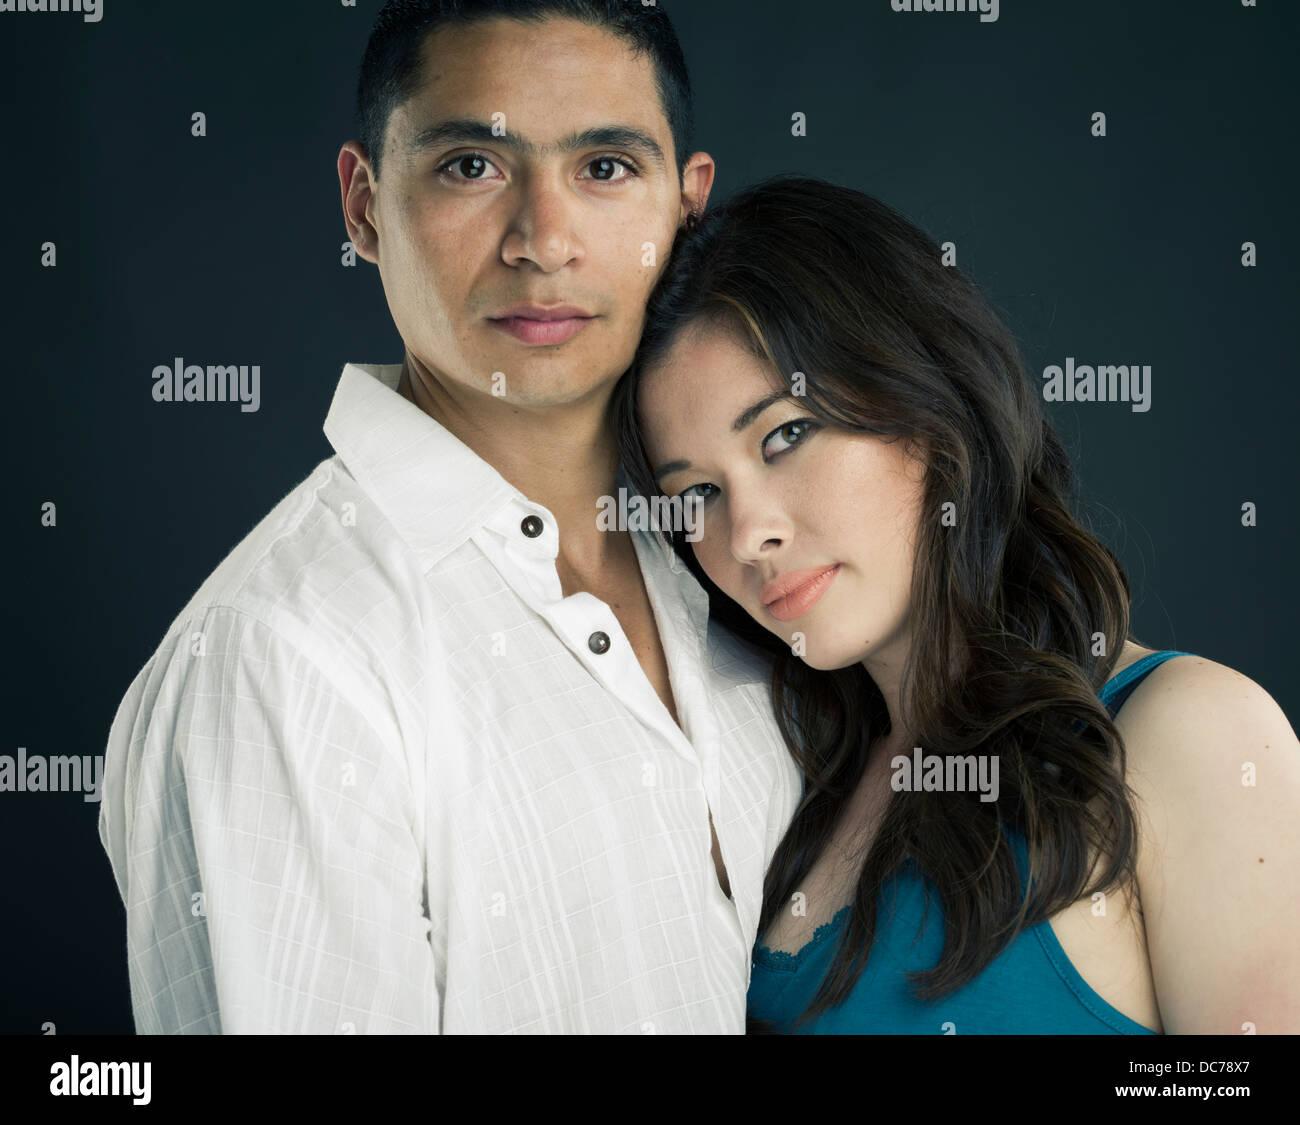 Razza mista bella giovane americano asiatico donna appoggiato la testa su latino uomo al torace / tracolla Immagini Stock